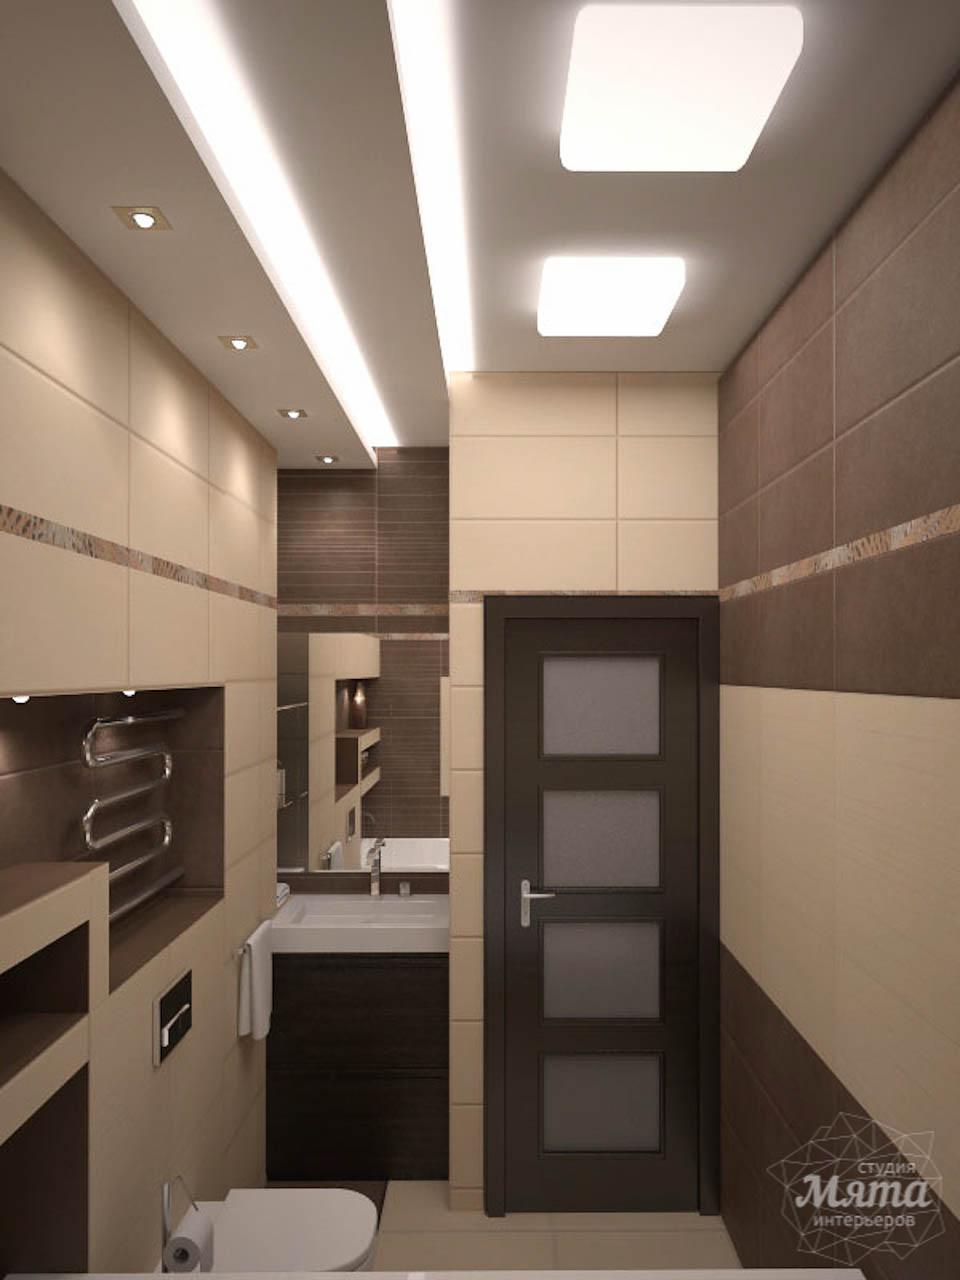 Дизайн интерьера трехкомнатной квартиры по ул. Папанина 18 img99988597